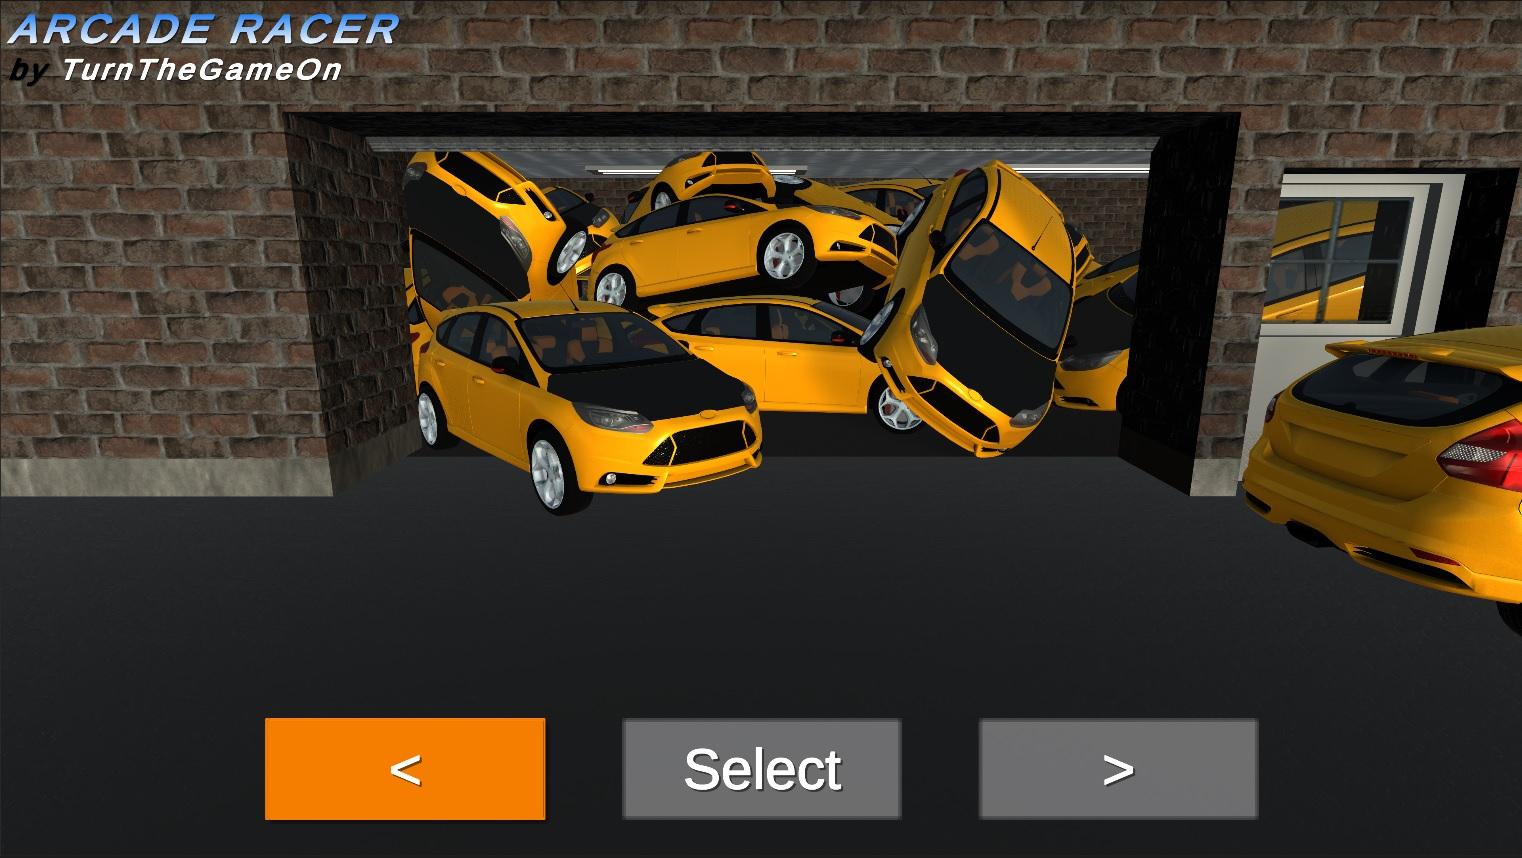 VehicleSelectMenu.jpg